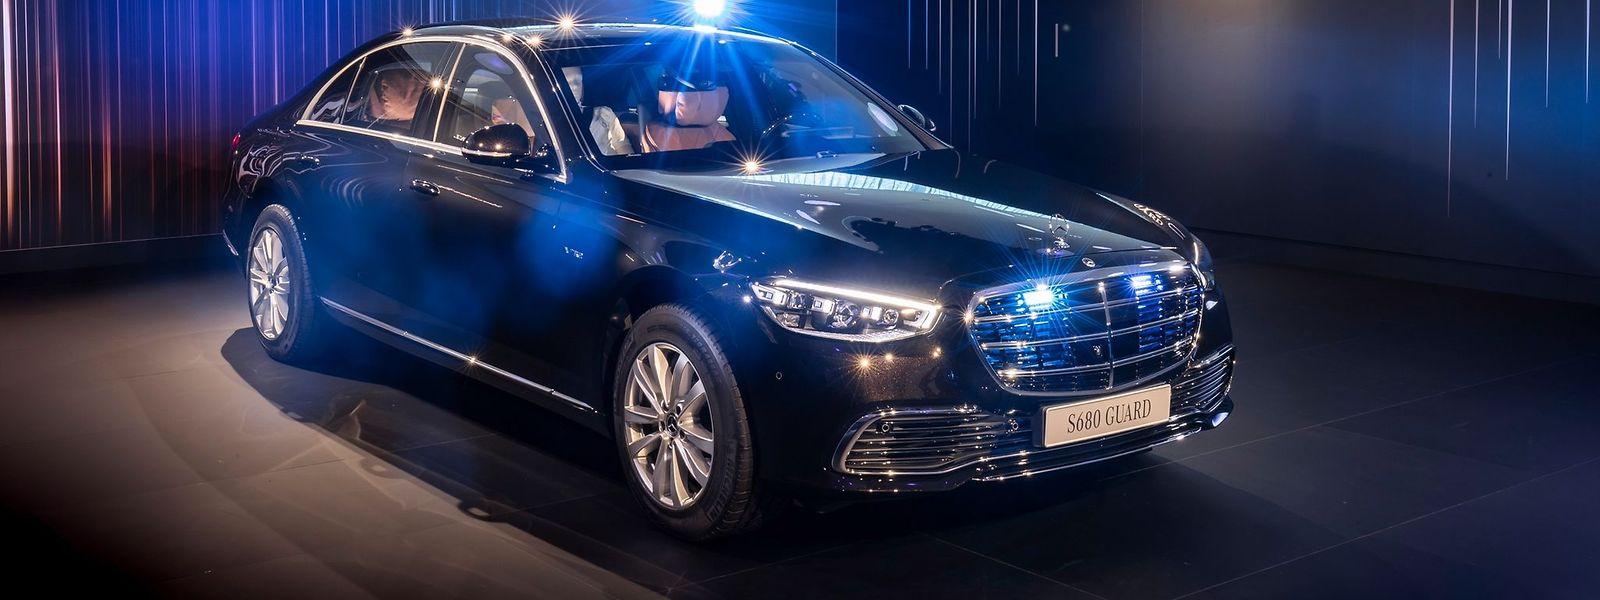 Mit Vollgas ab durch die Mitte: Die neue Mercedes S-Klasse in der Guard-Version kann mit allerlei zusätzlichen Extras ausgestattet werden – darunter auch Blaulicht, Sirene oder Wechselsprechanlage.